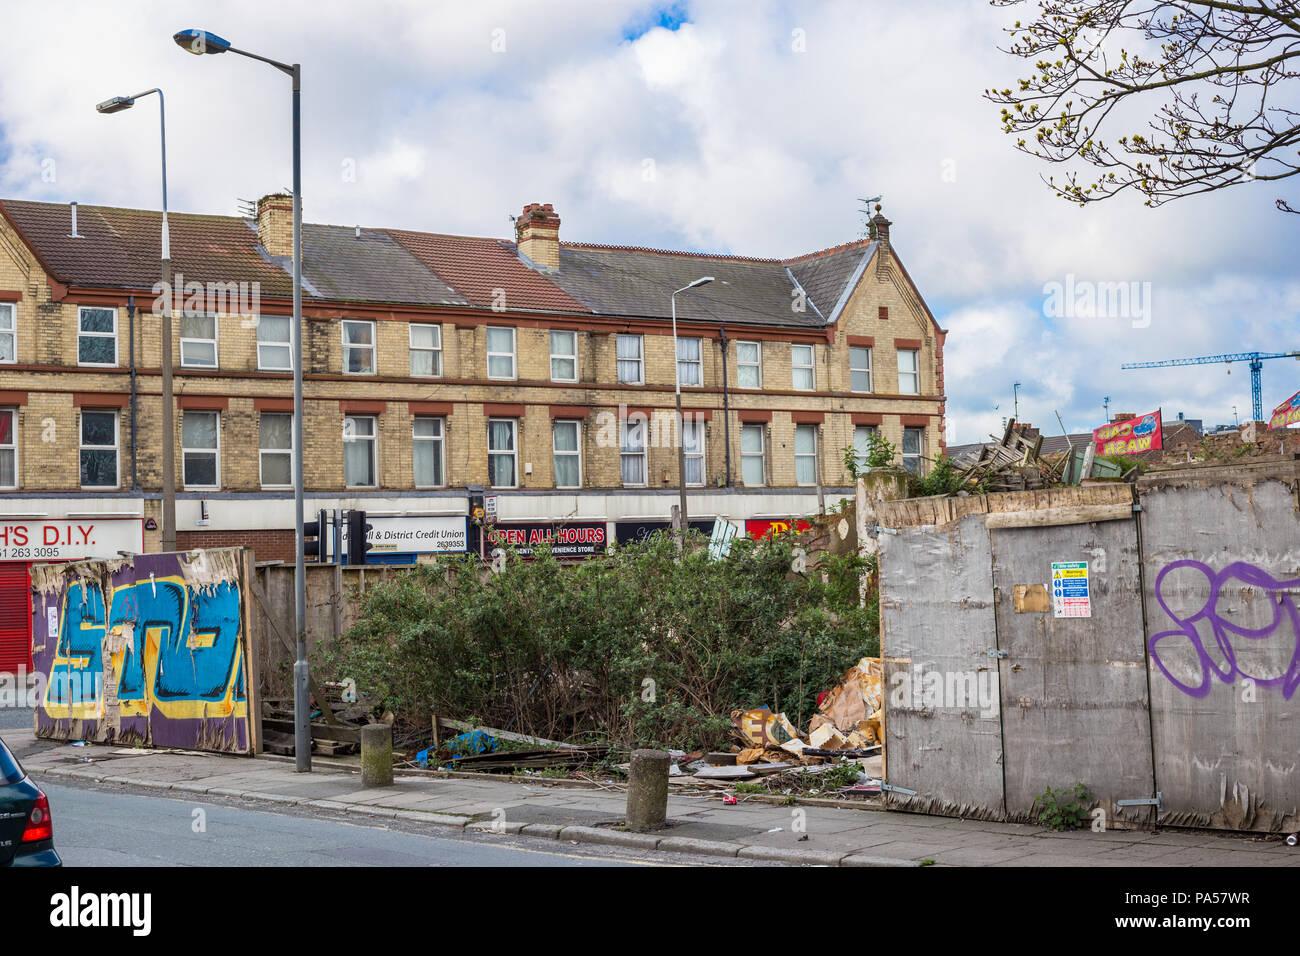 Terrain envahi par la dégradation urbaine, montrant les bâtiments délabrés et graffiti Banque D'Images